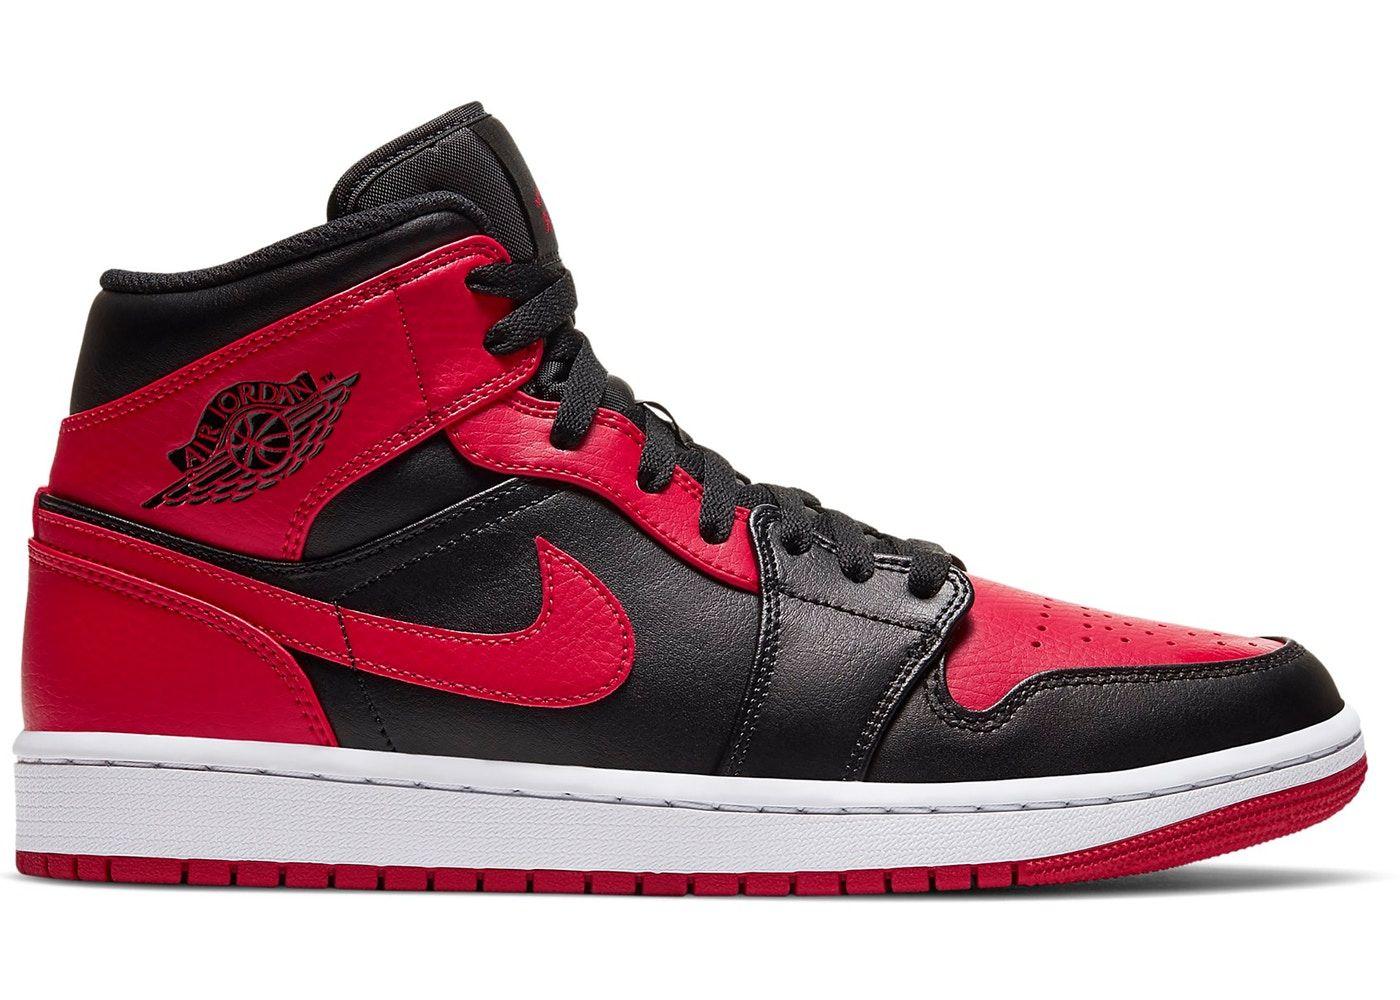 Jordan 1 Mid Banned 2020 In 2021 Air Jordans Red Sneakers Jordan 1 Mid